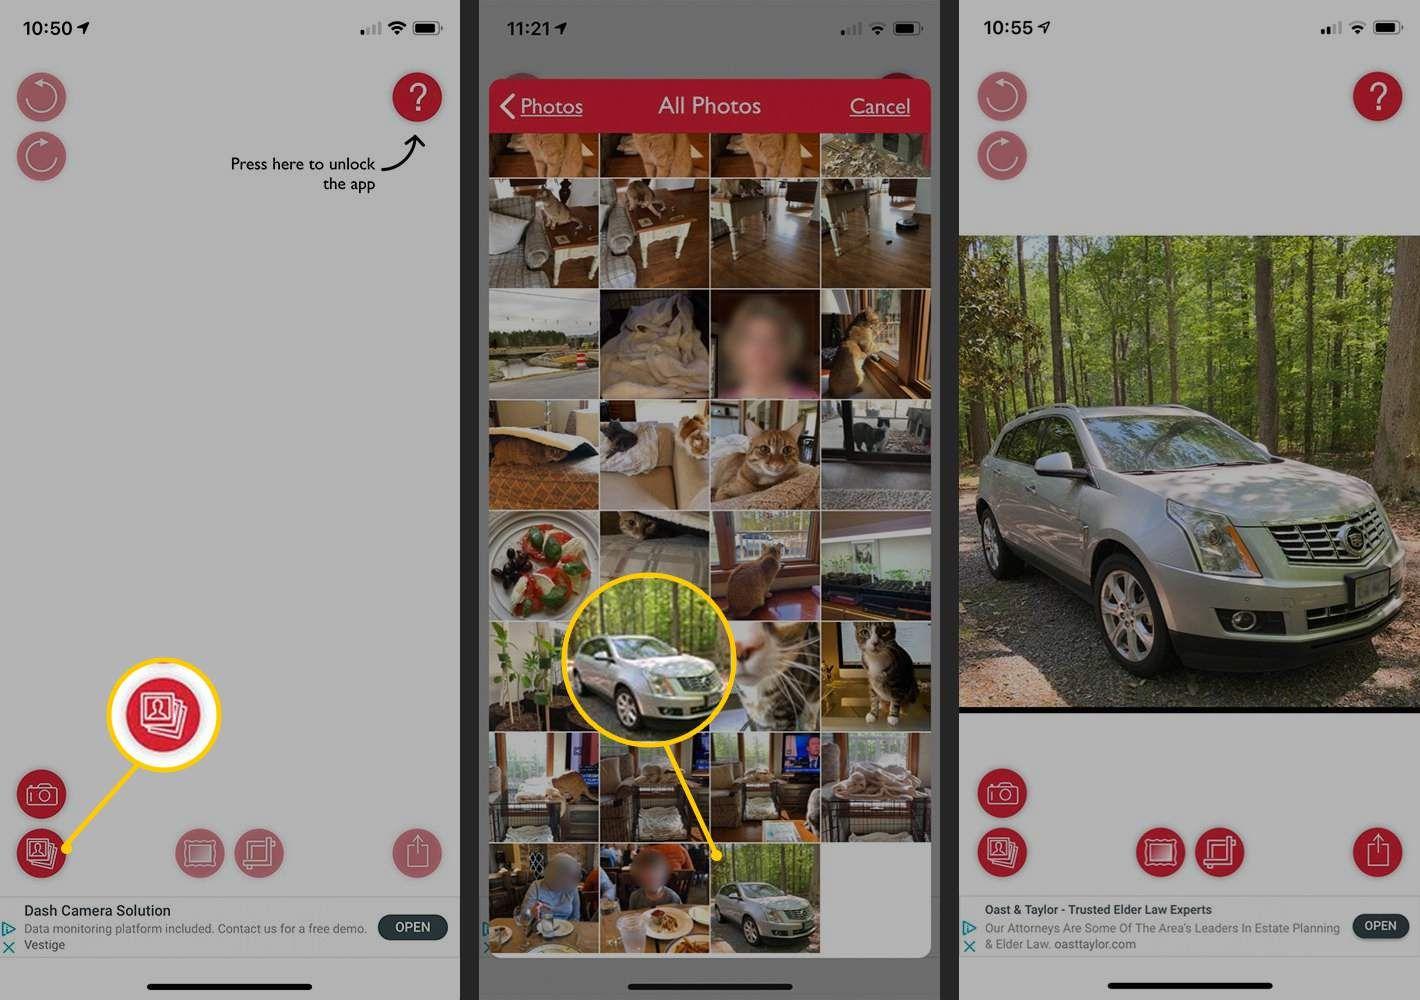 приложение на айфон отзеркалить фото словами, аптеках открытой